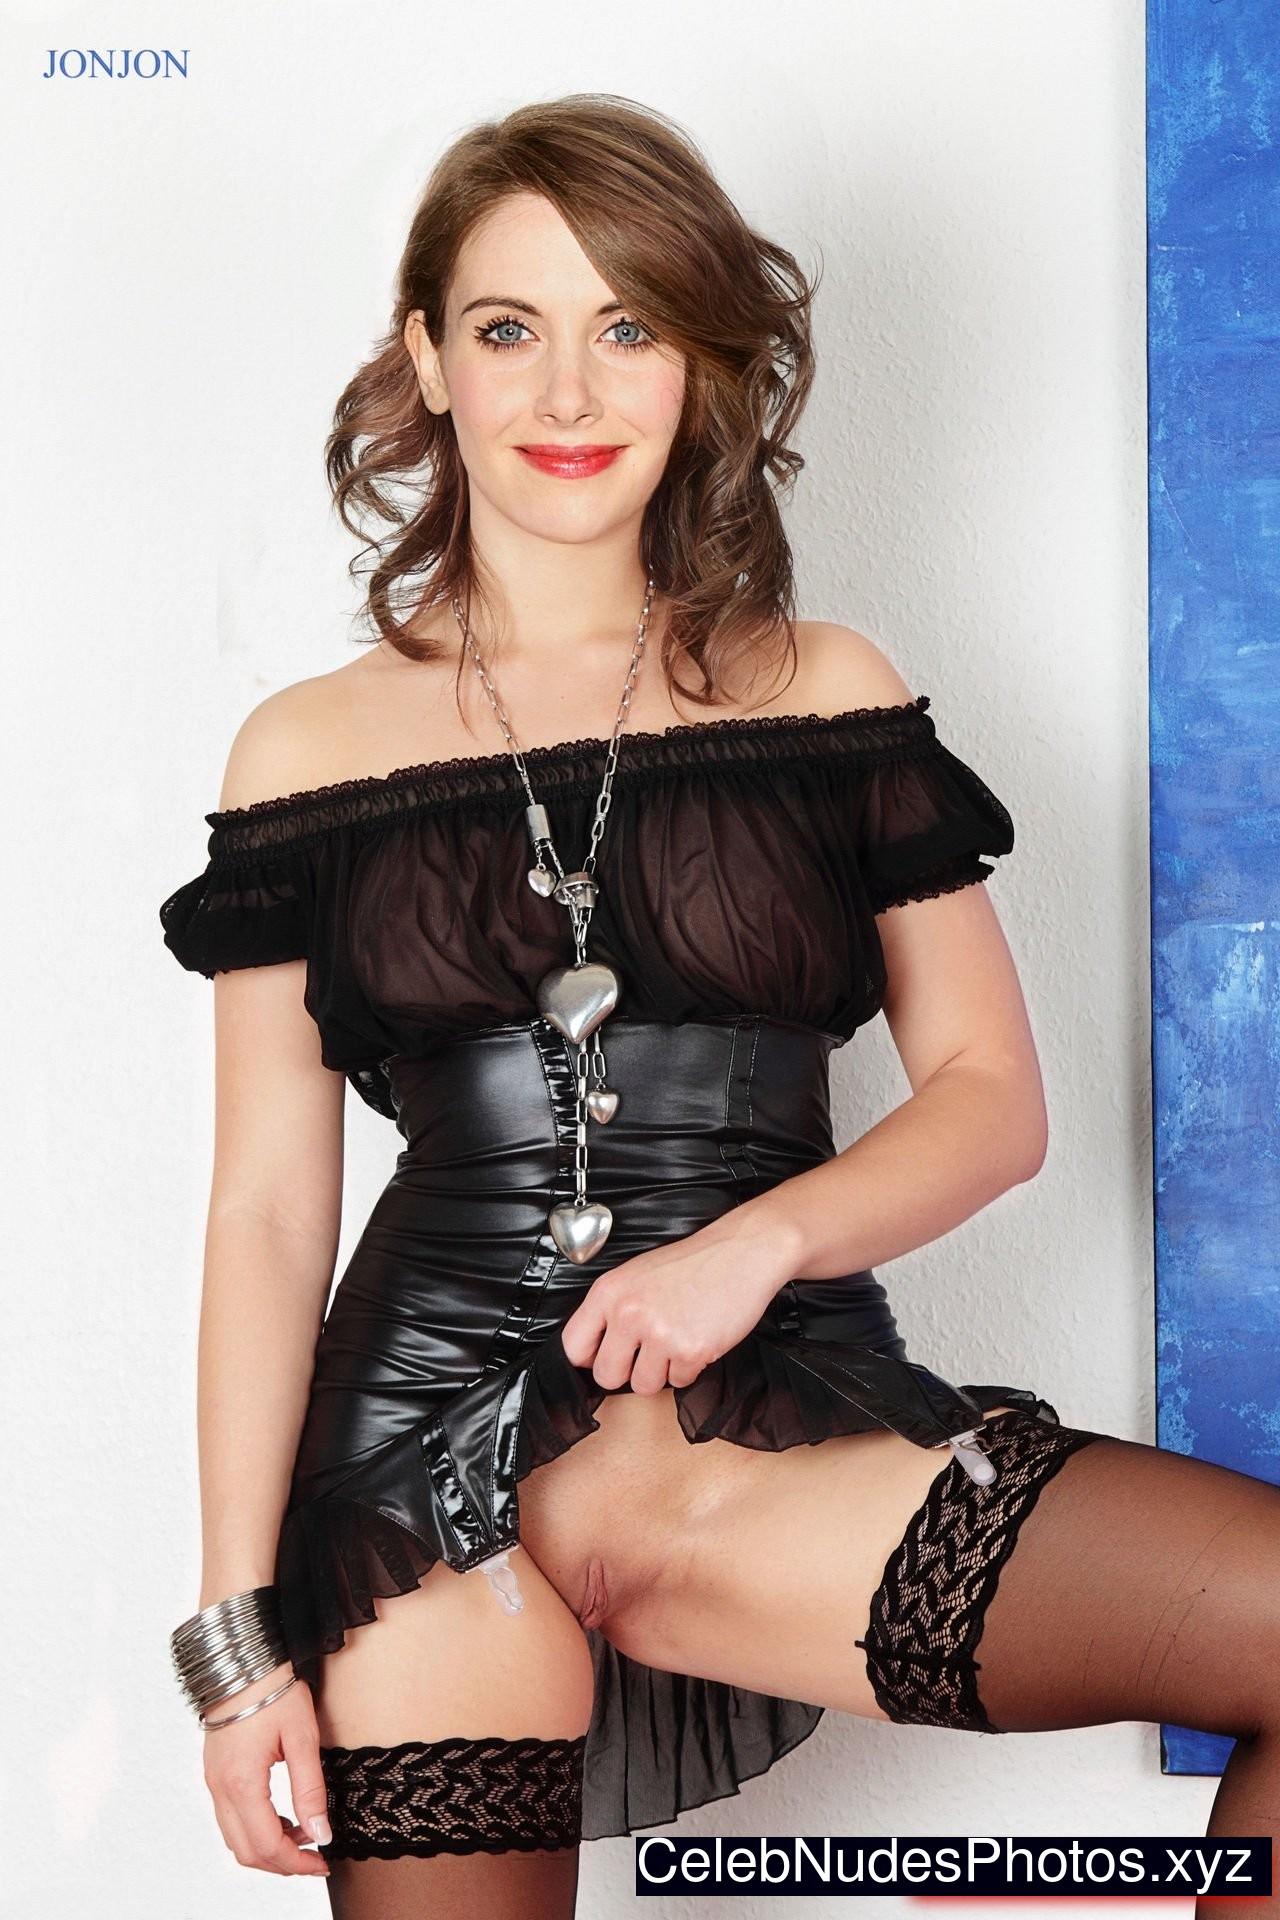 Alison Brie Nude Celeb sexy 11